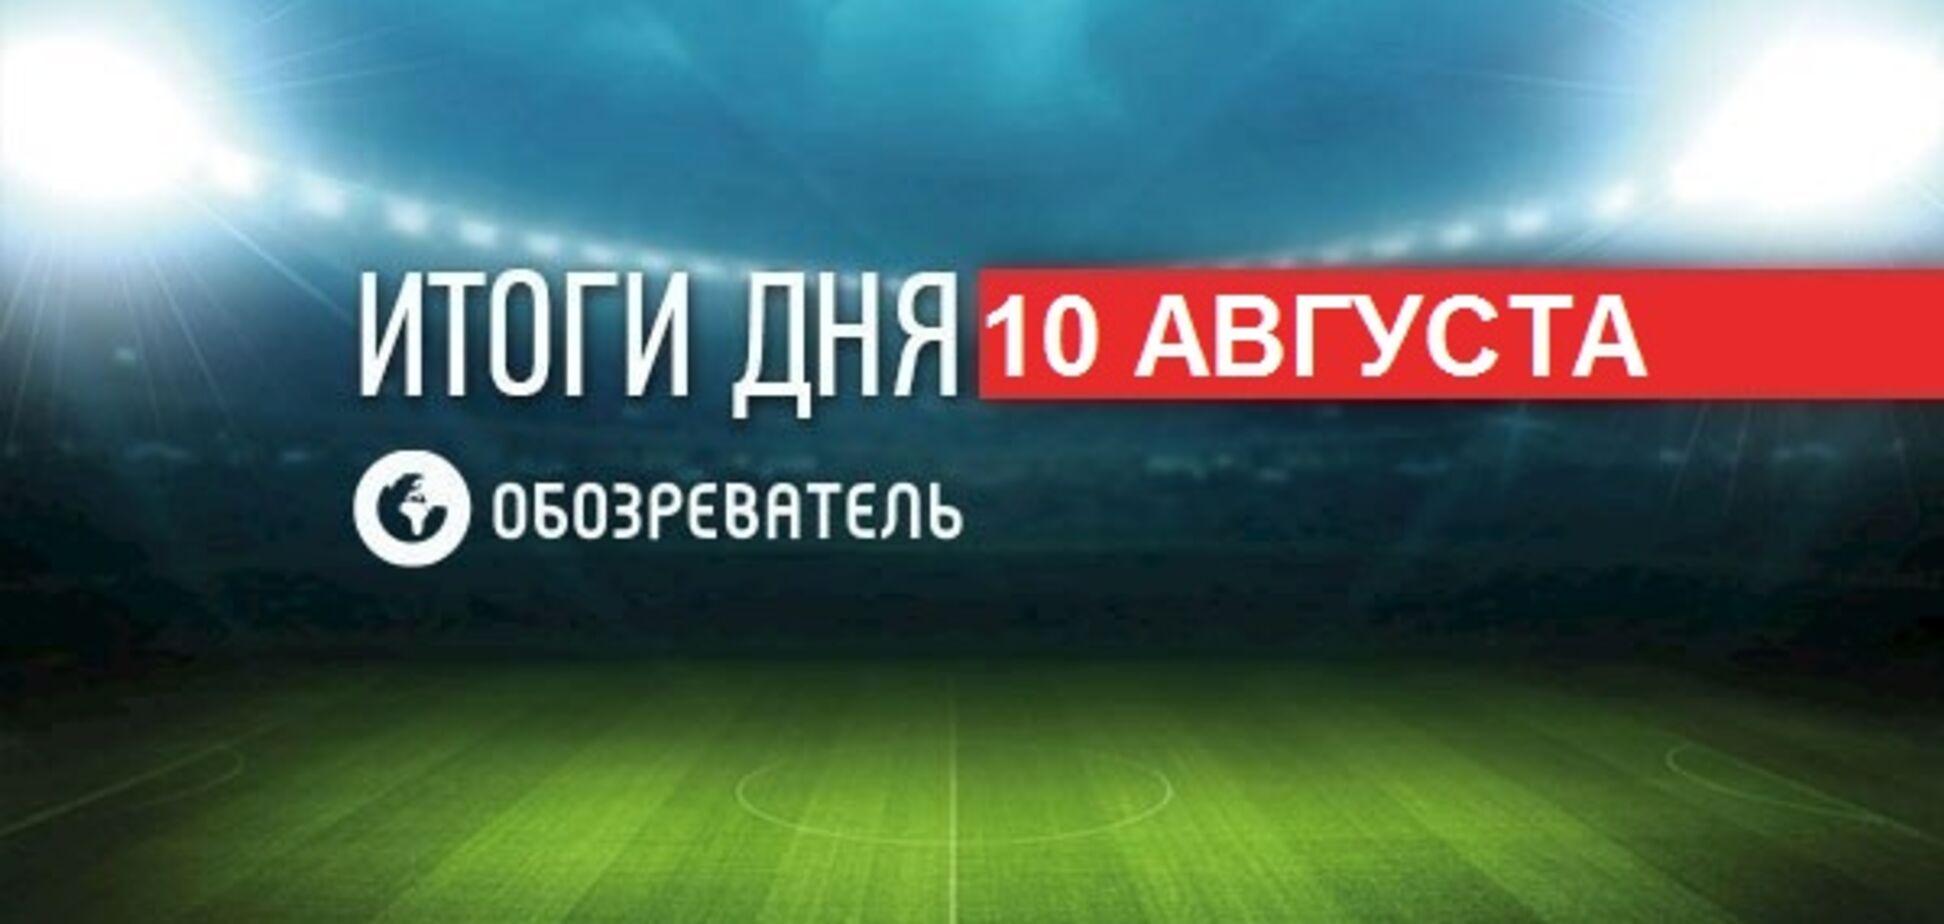 Поле стадіону ЧС-2018 в Росії засипали щебенем і пофарбували: опубліковано відео